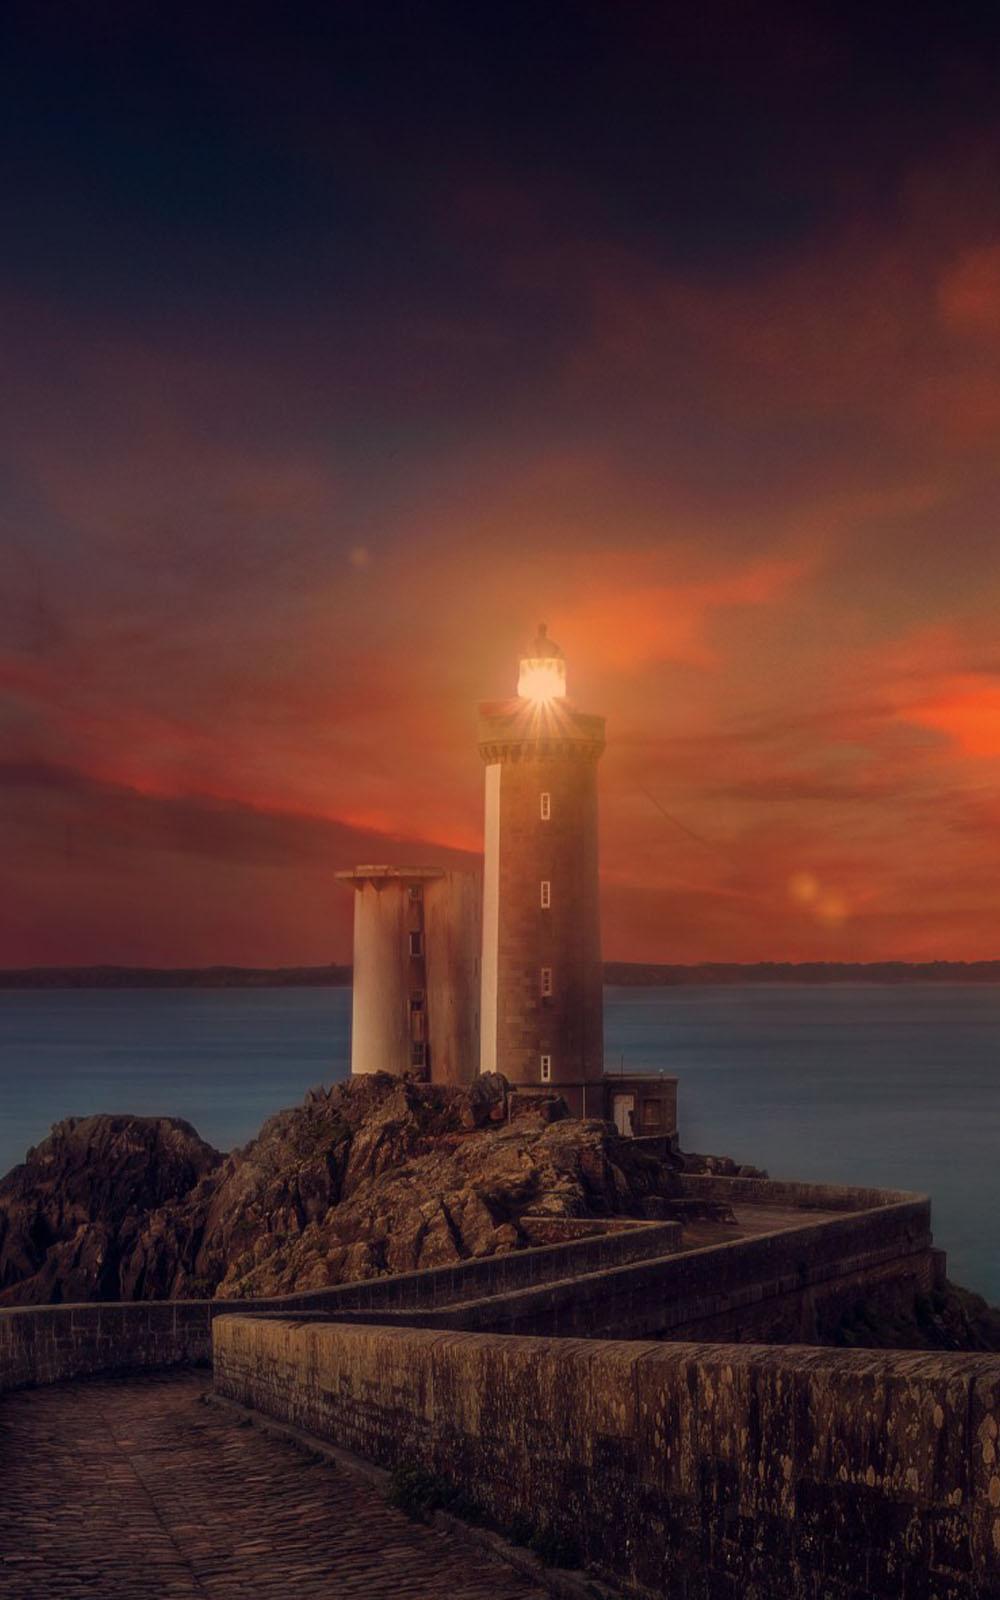 Sunset Lighthouse Mobile Wallpaper